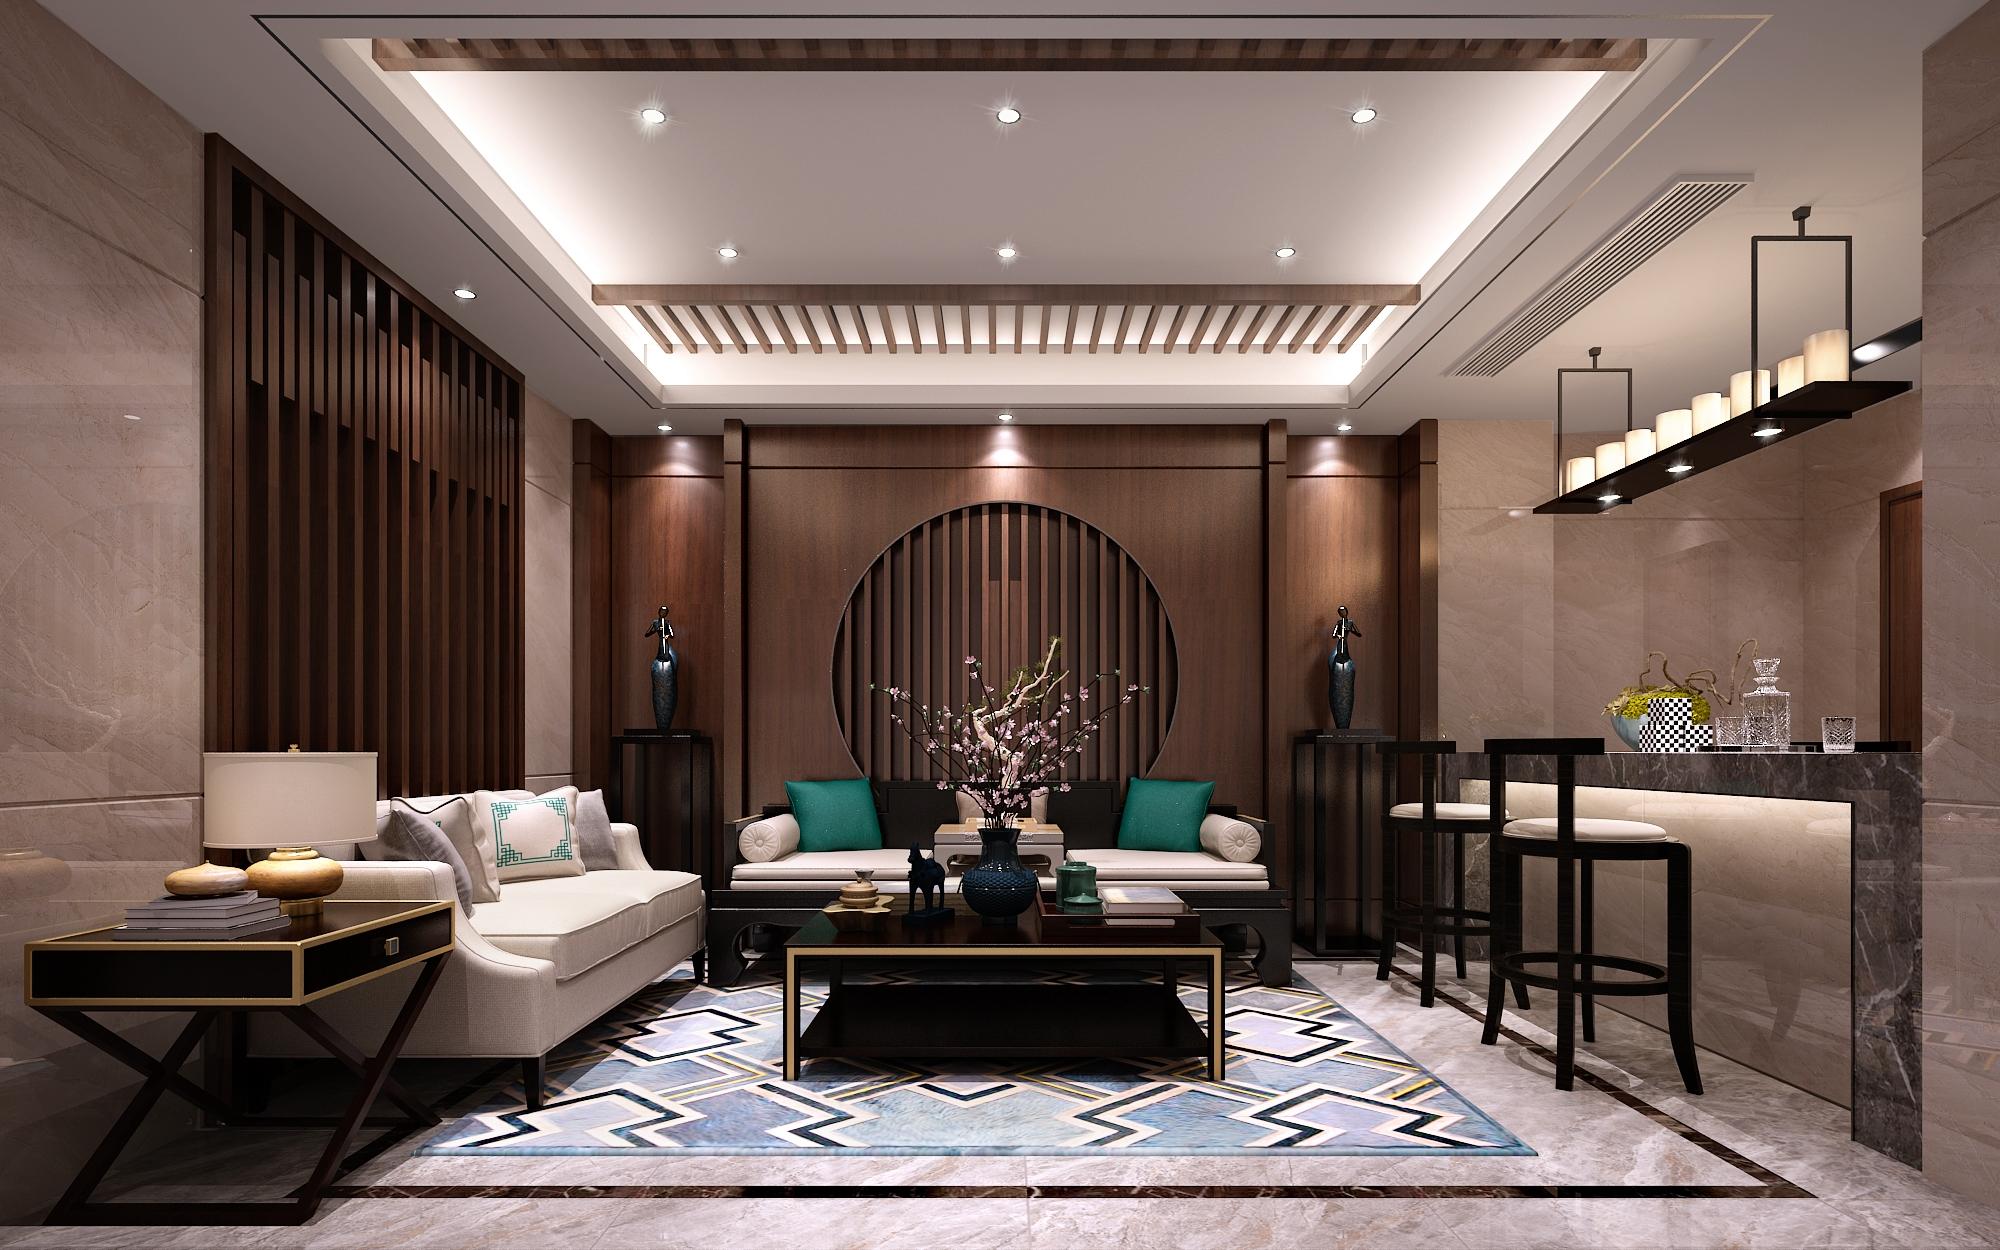 保利礼墅350平方米新中式风格联排别墅装修效果图